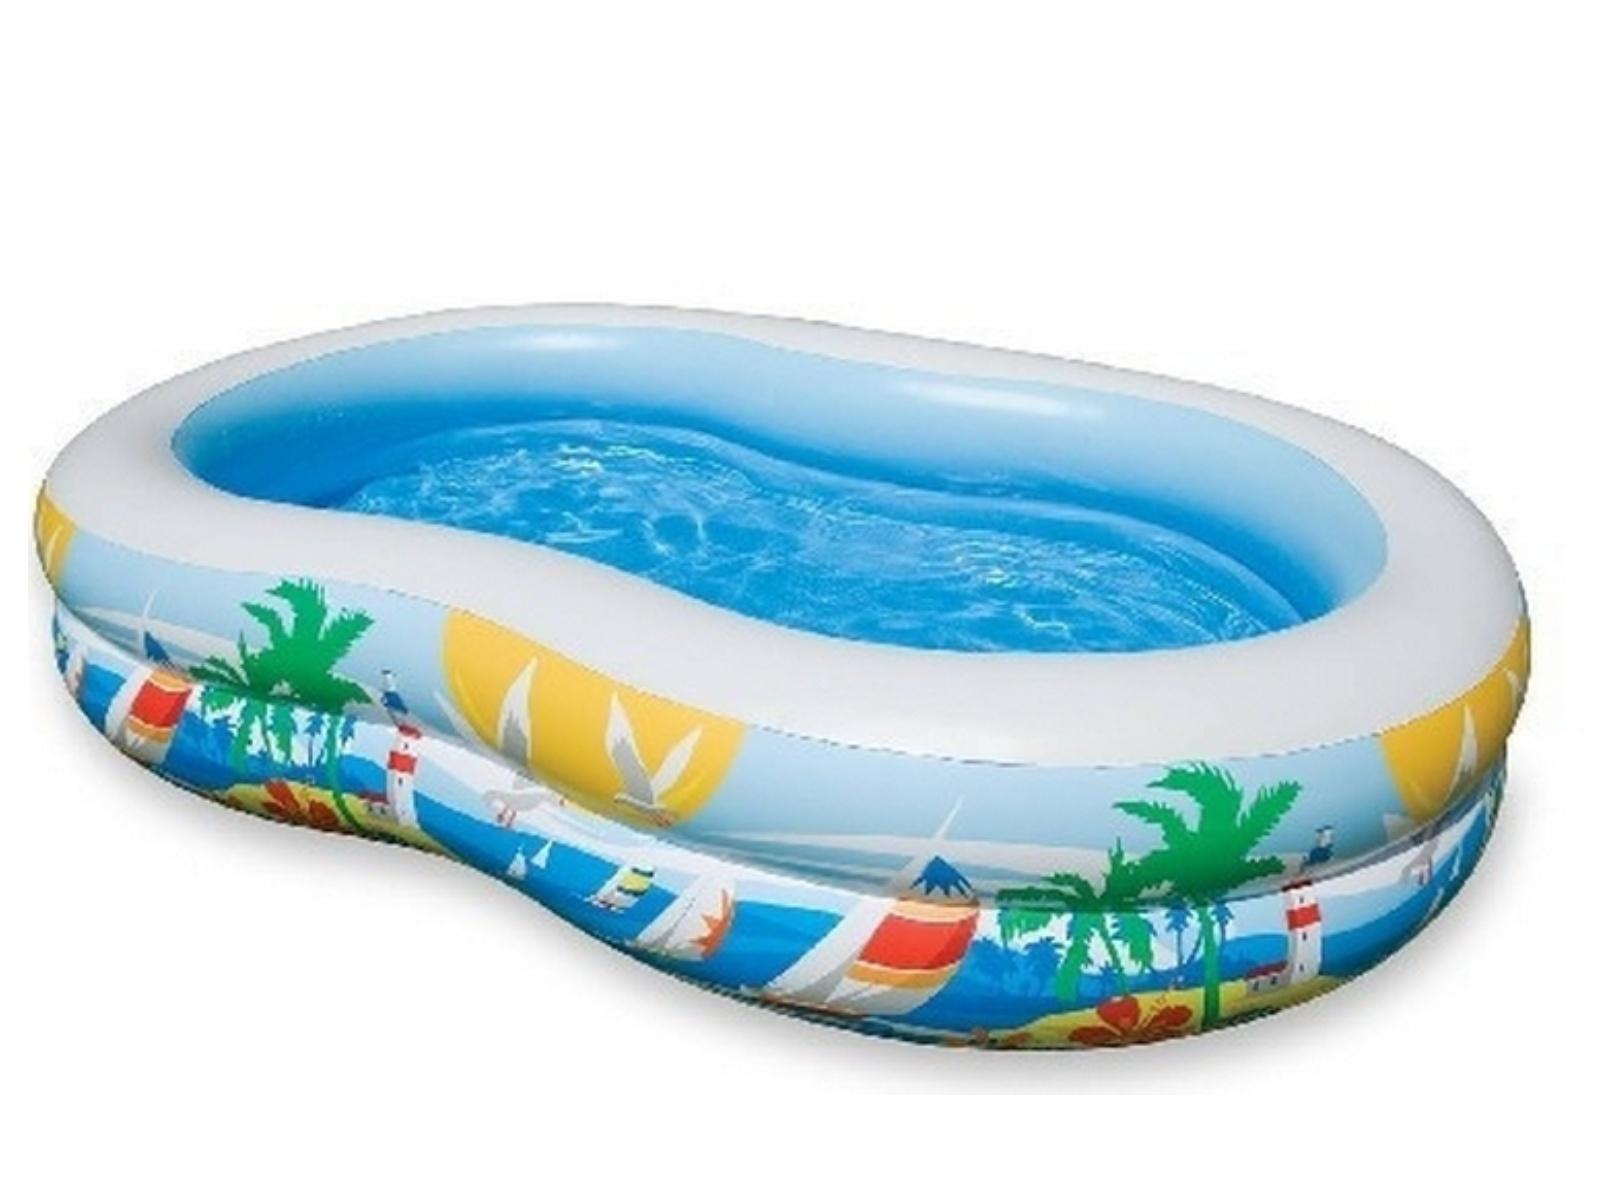 Nafukovací bazén INTEX Ovál Laguna 262 x 160 cm